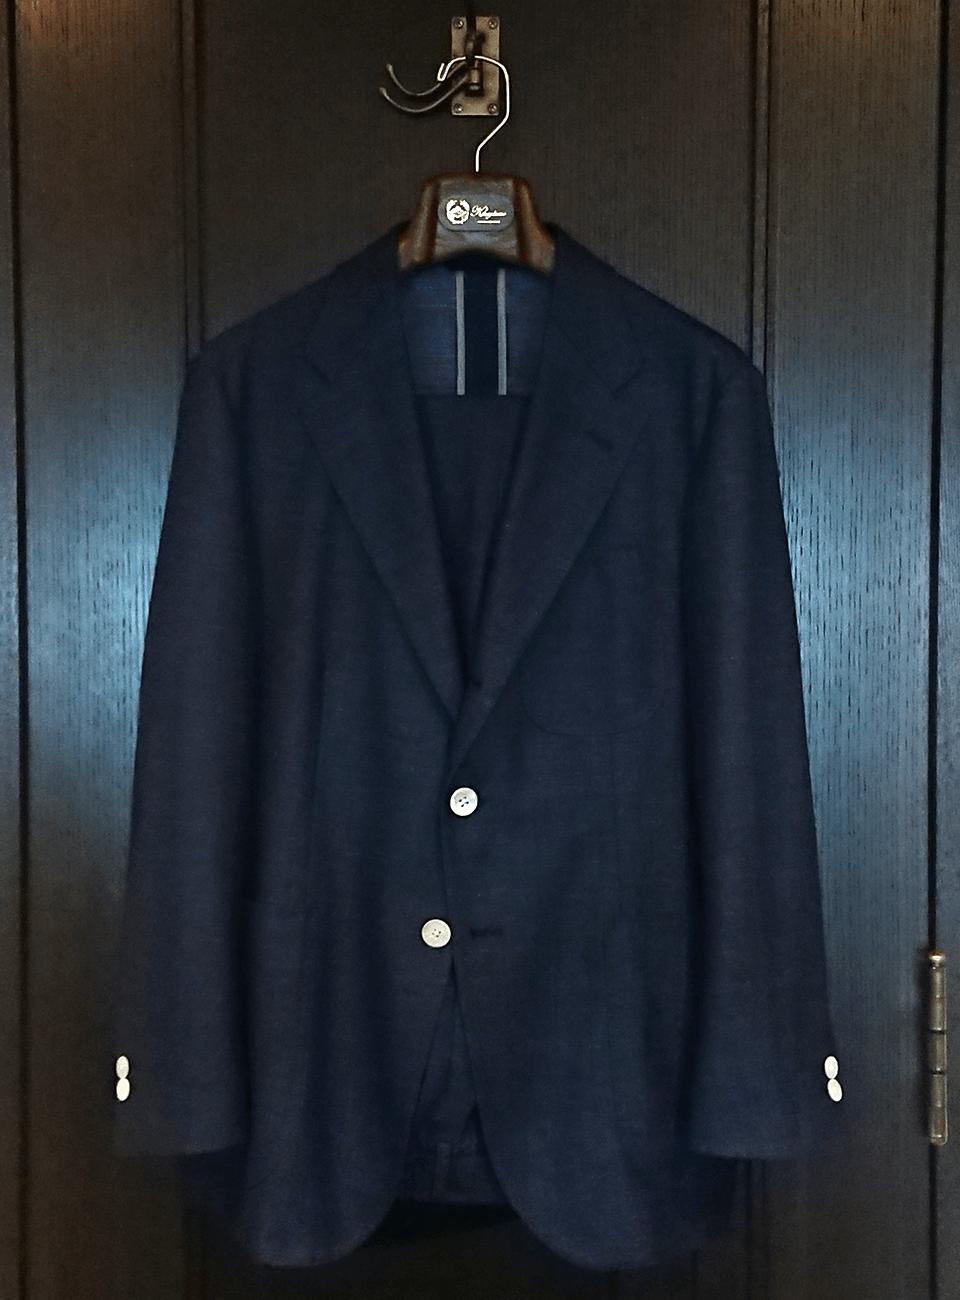 喜久蔵久米洋服店のオーダースーツ kikuzo_05.png